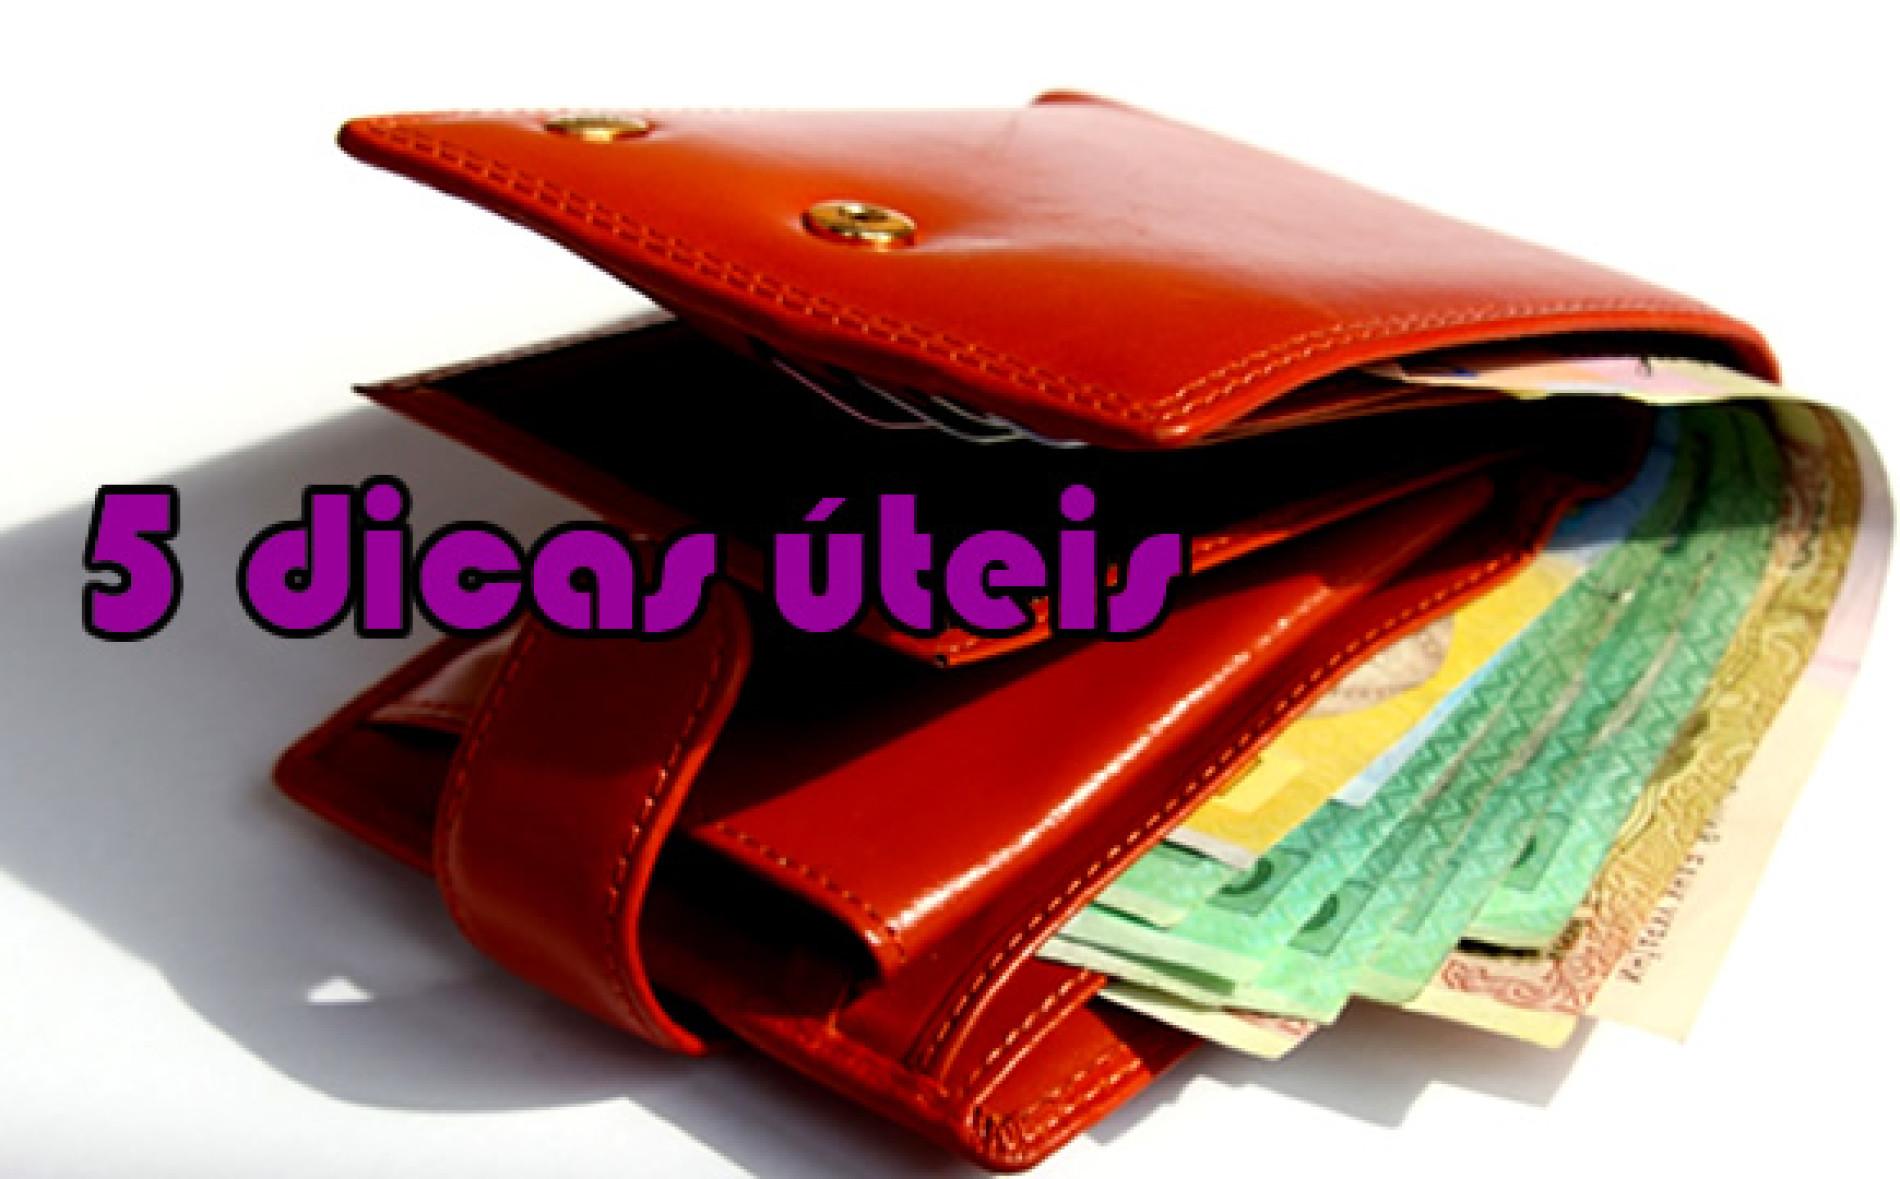 Perdi minha carteira! 5 dicas de como organizar e ser preventivo